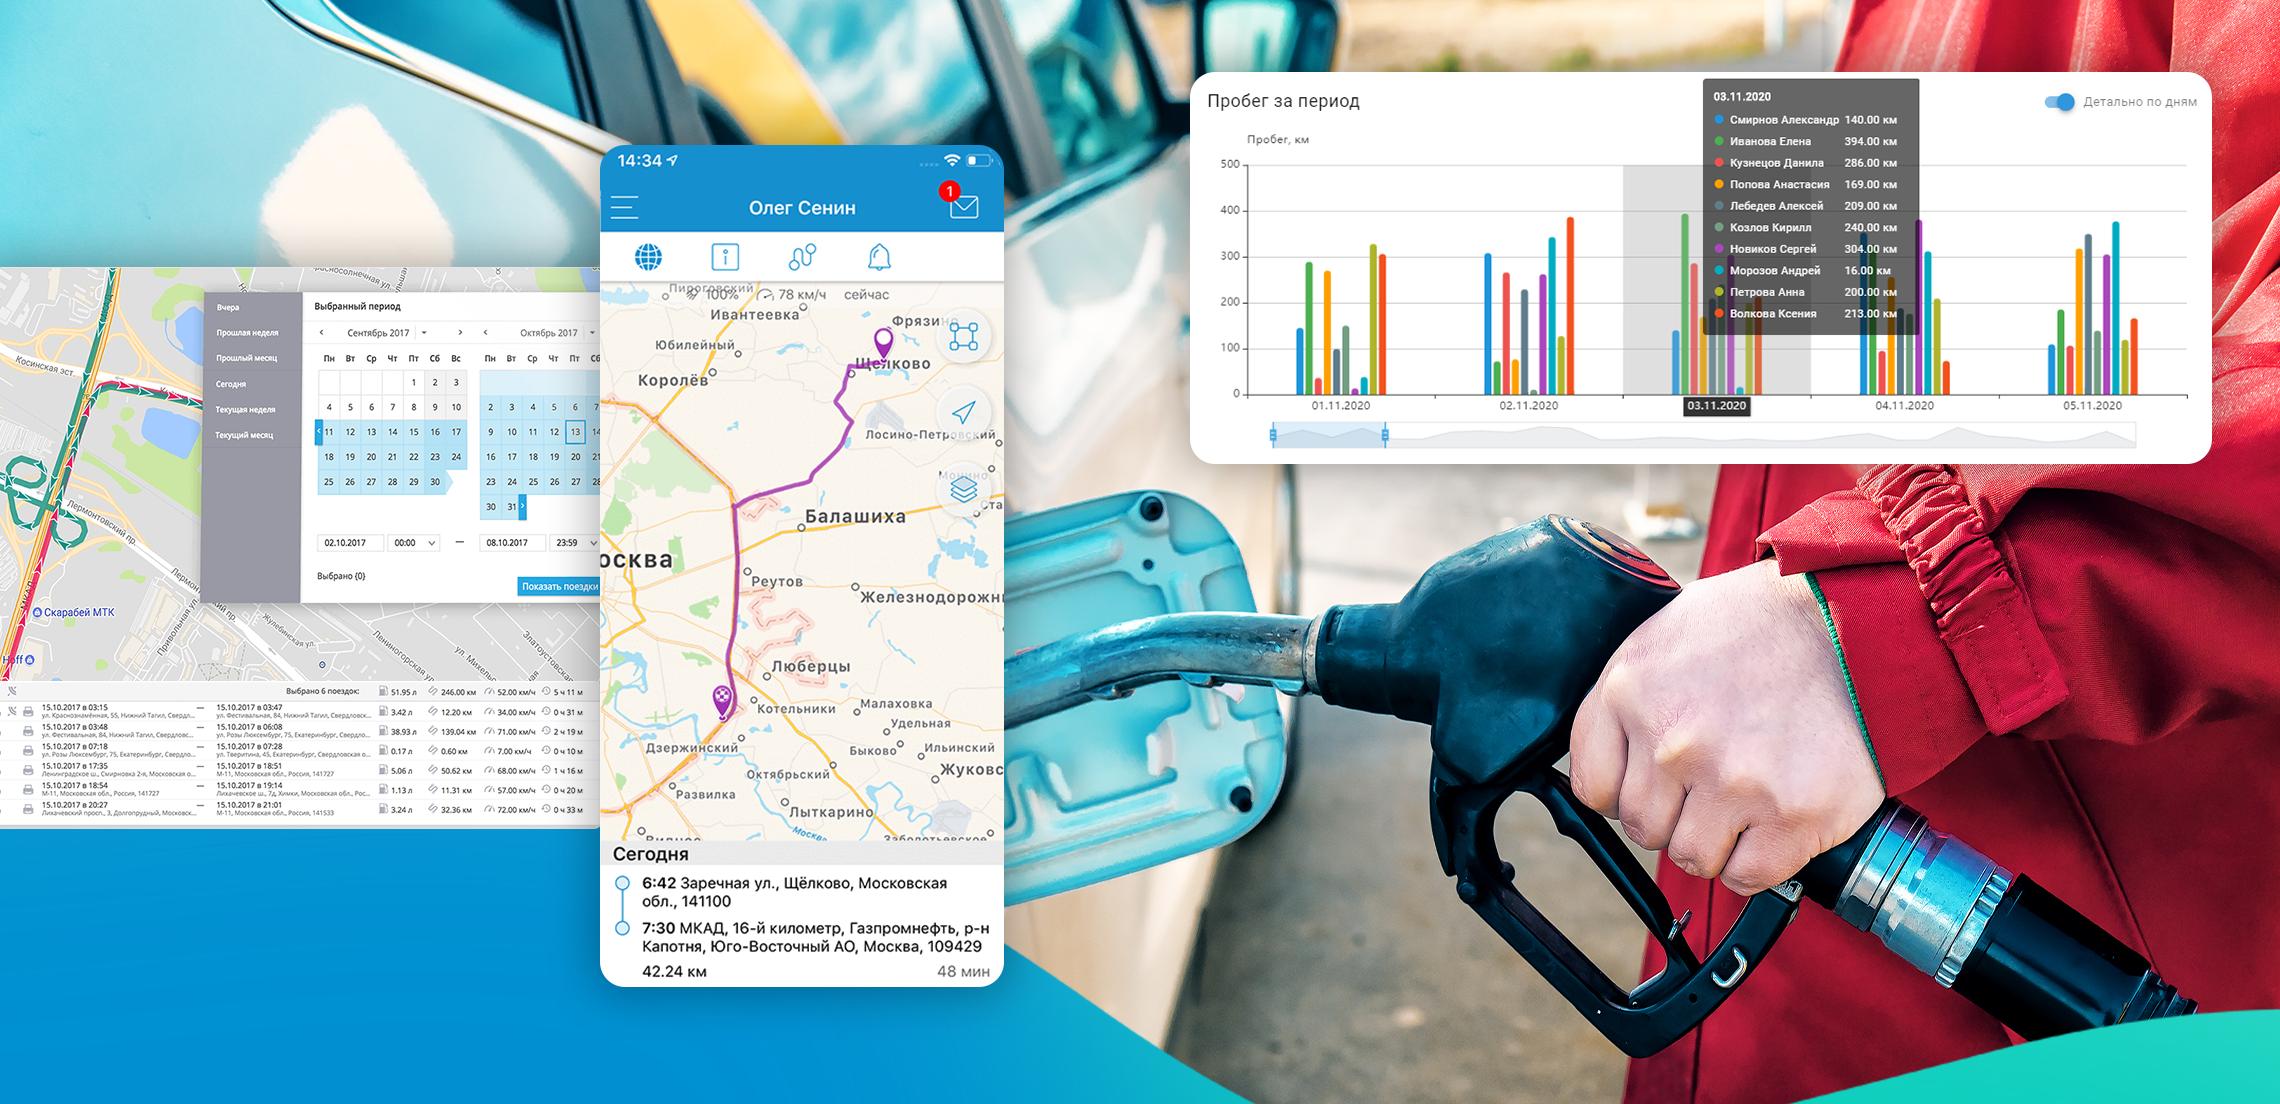 GPS-контроль топлива: как не переплачивать выездным сотрудникам за ГСМ